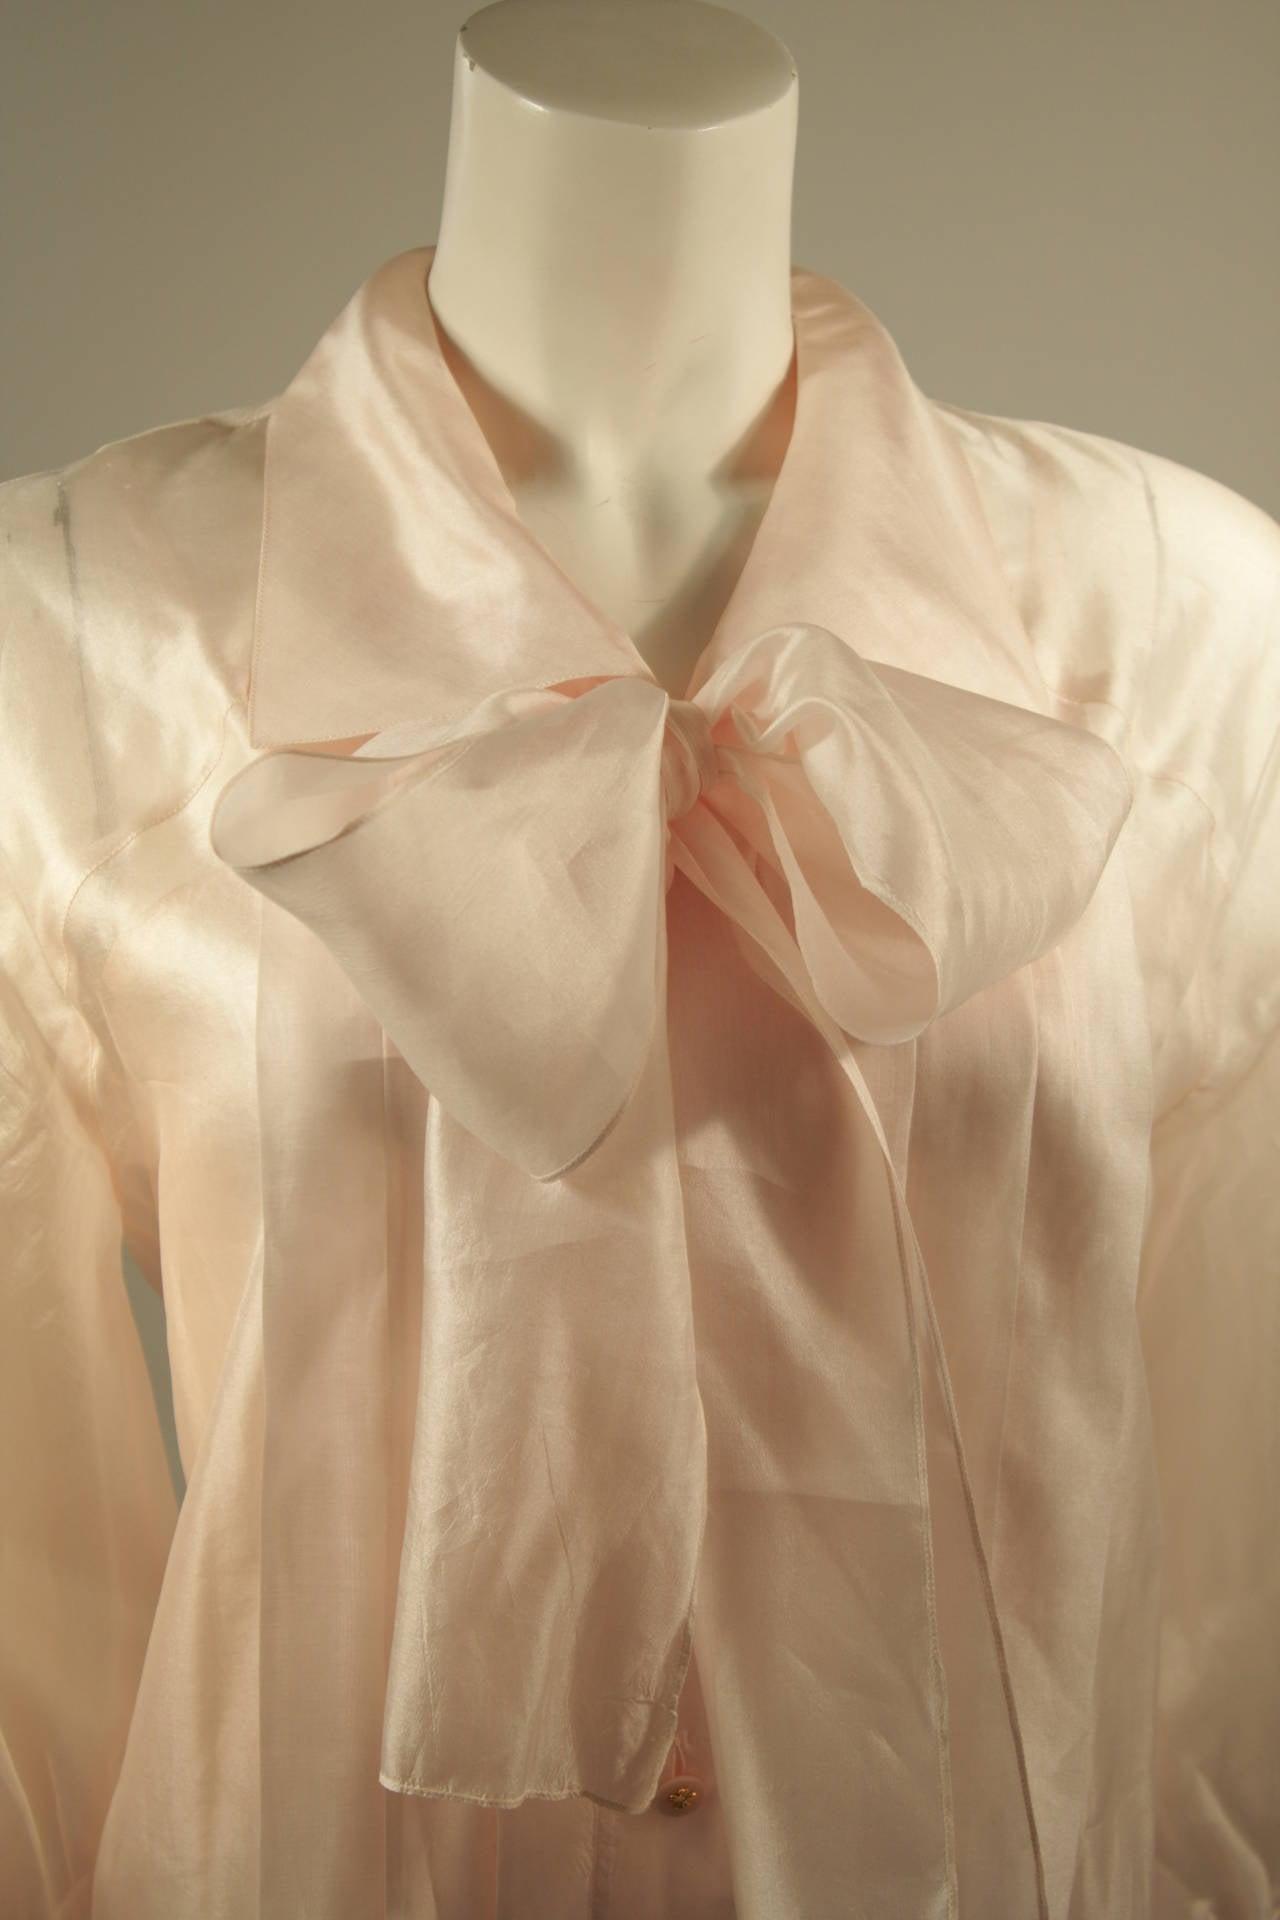 Chanel 3 Piece Pink Silk Organza Tie Neck Blouse & Camisole Set Size 36 5